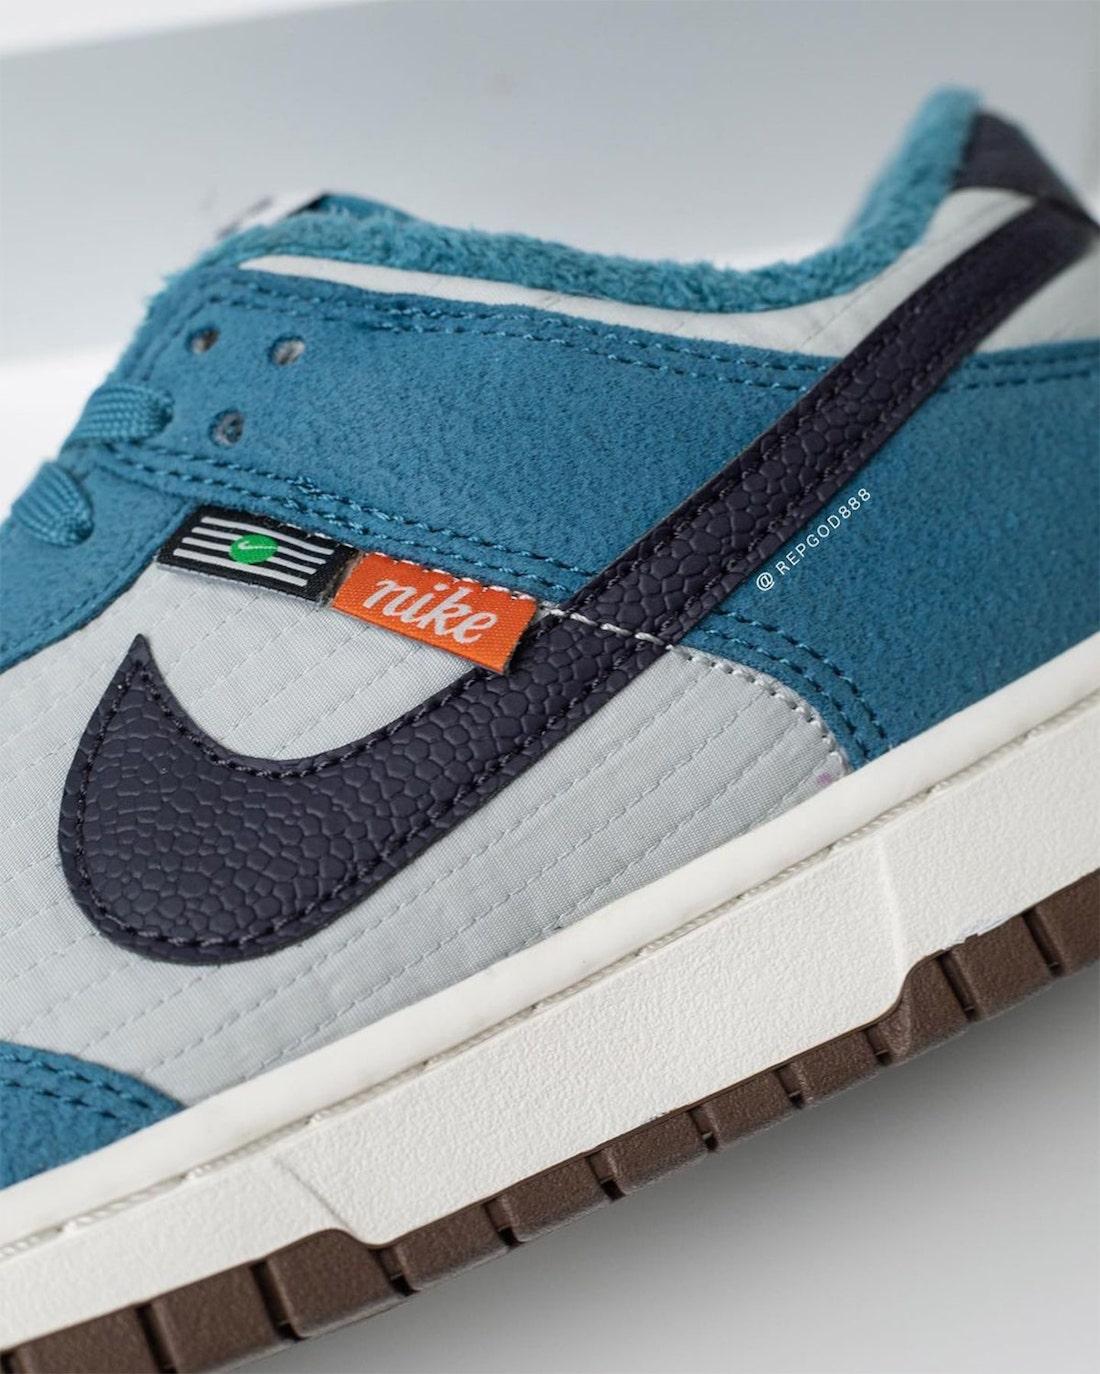 Nike Dunk Low Toasty Grey Blue DD3358-400 Release Date Info